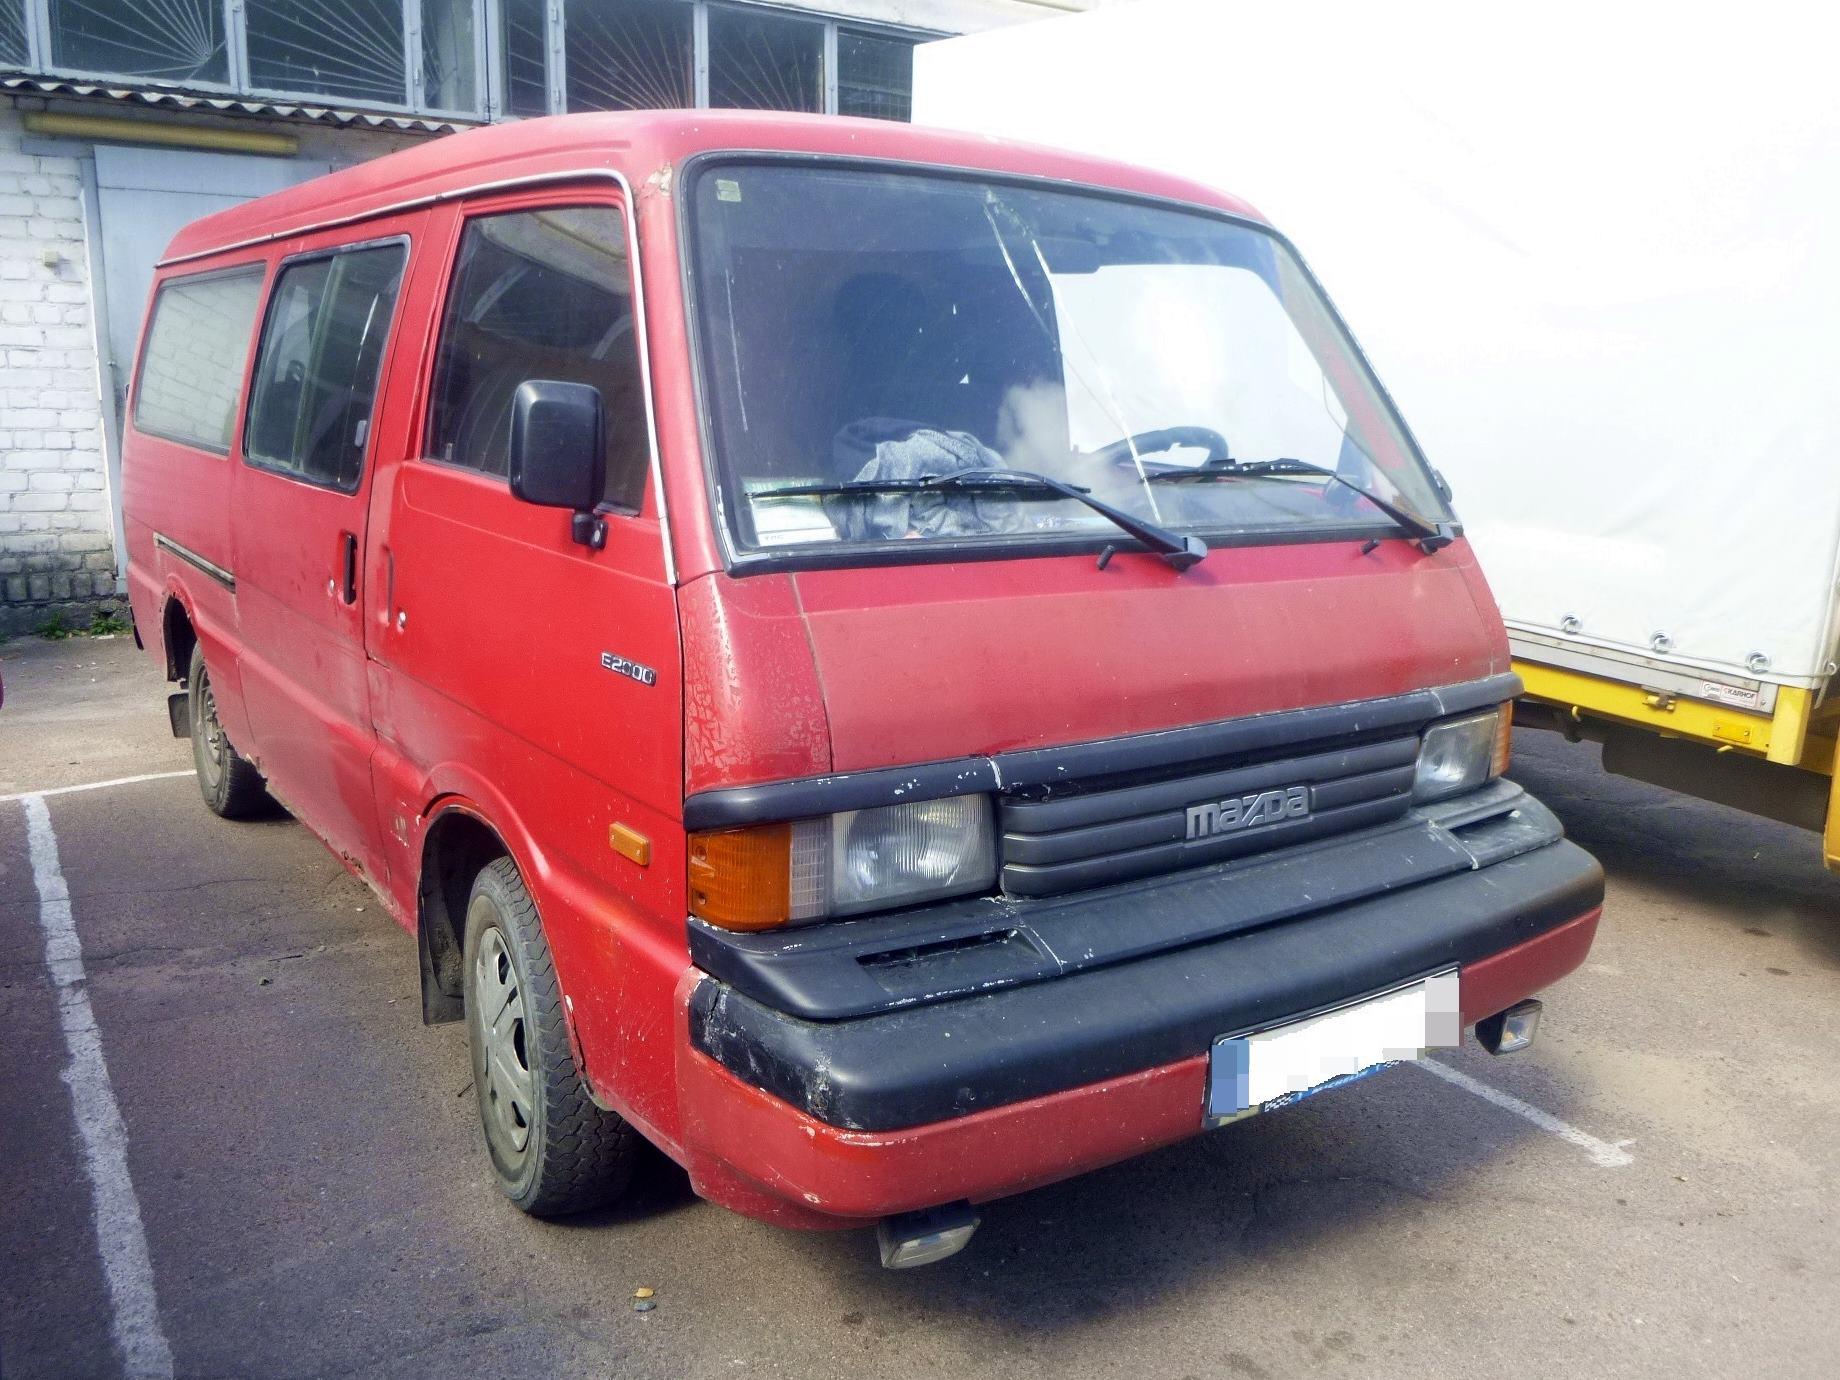 Виявлення легкового автомобіля «MAZDA E 2000» із зміненим номером кузова